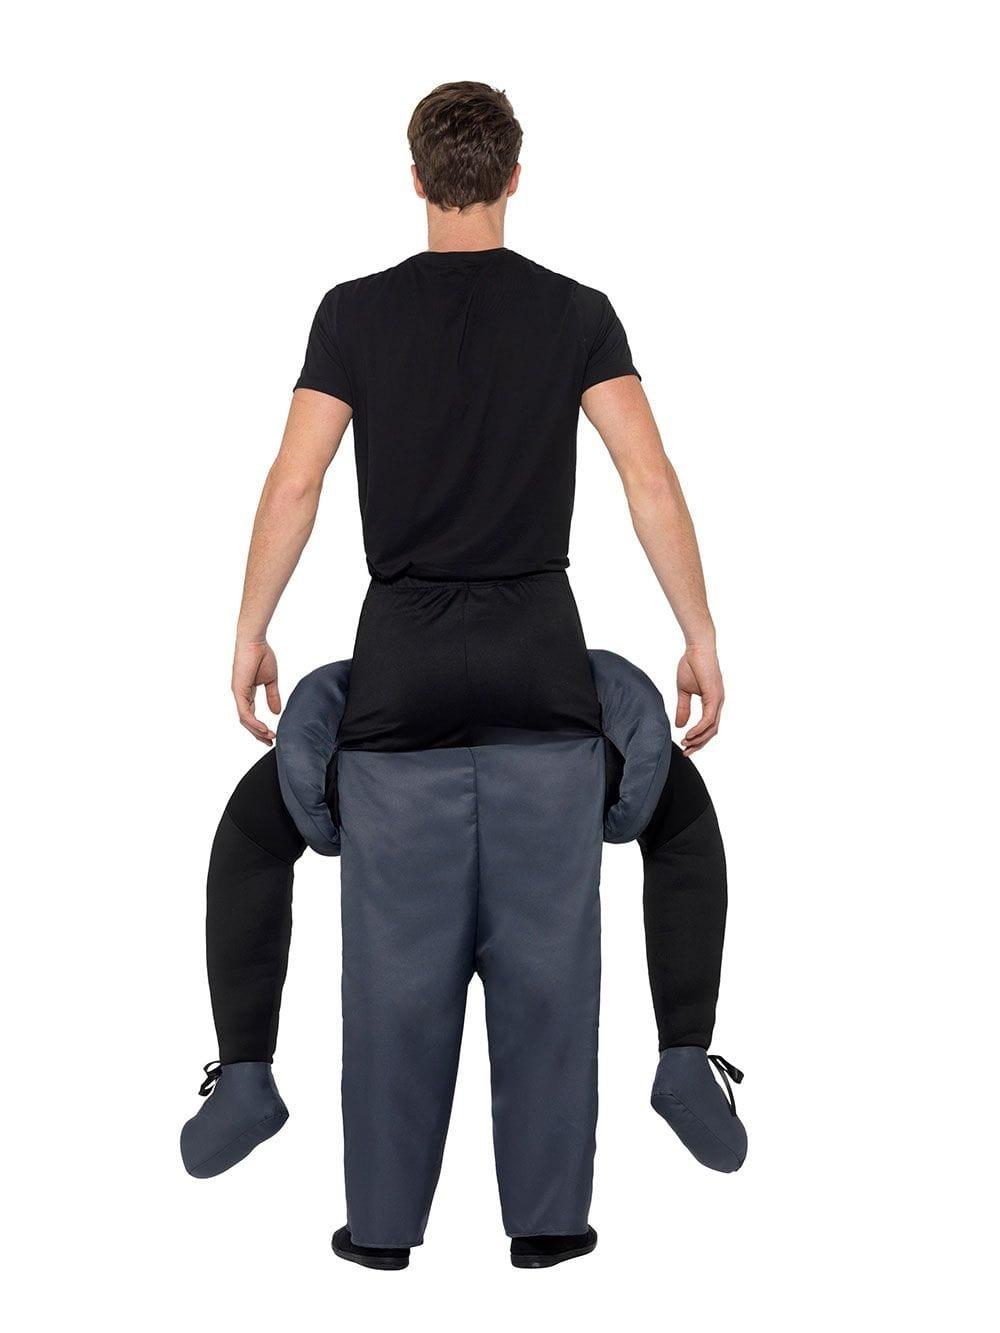 Disfraces de paseo a cuestas para adultos, divertidos, para ...